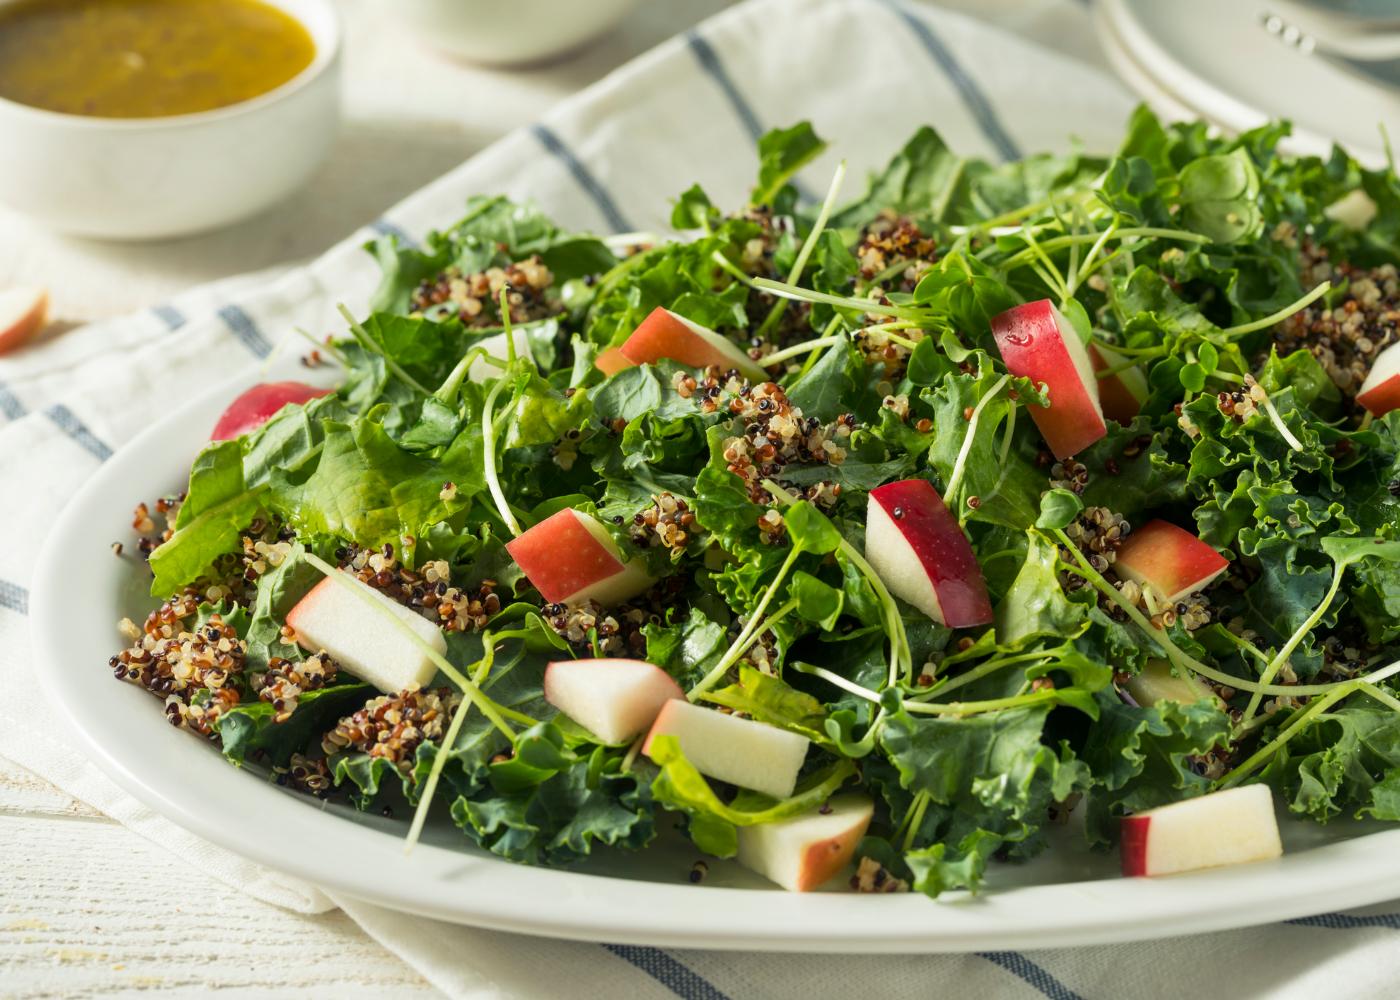 receitas de saladas frias: sugestoes praticas e faceis